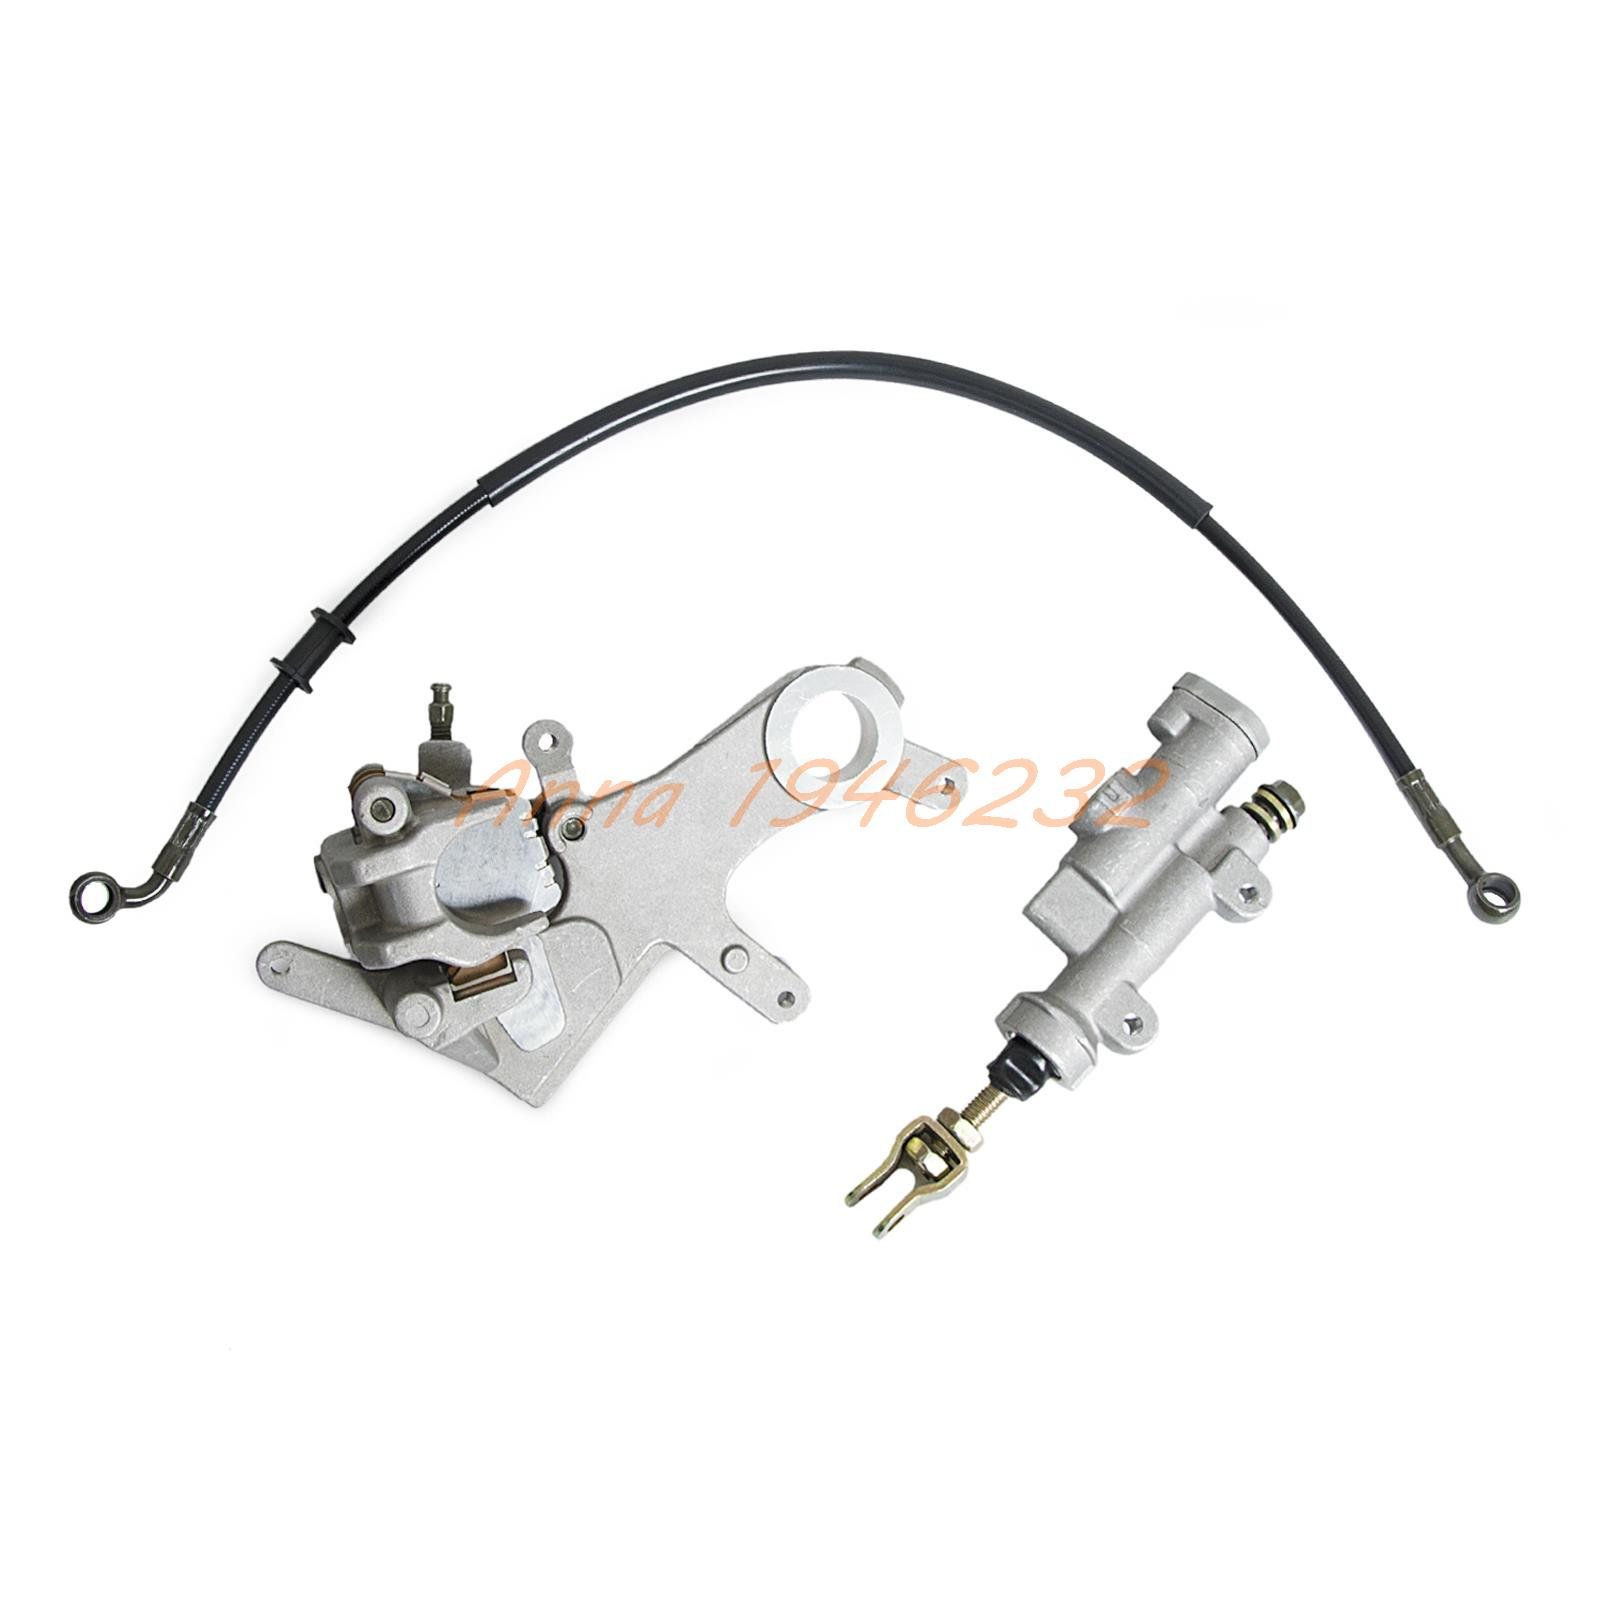 Rear Brake Caliper & Master Cylinder For Honda CRF250X CRF 250X 04-09 2012-2013 motorcycle rear brake master cylinder reservoir cove for ktm duke 125 200 390 rc200 rc390 2012 2013 2014